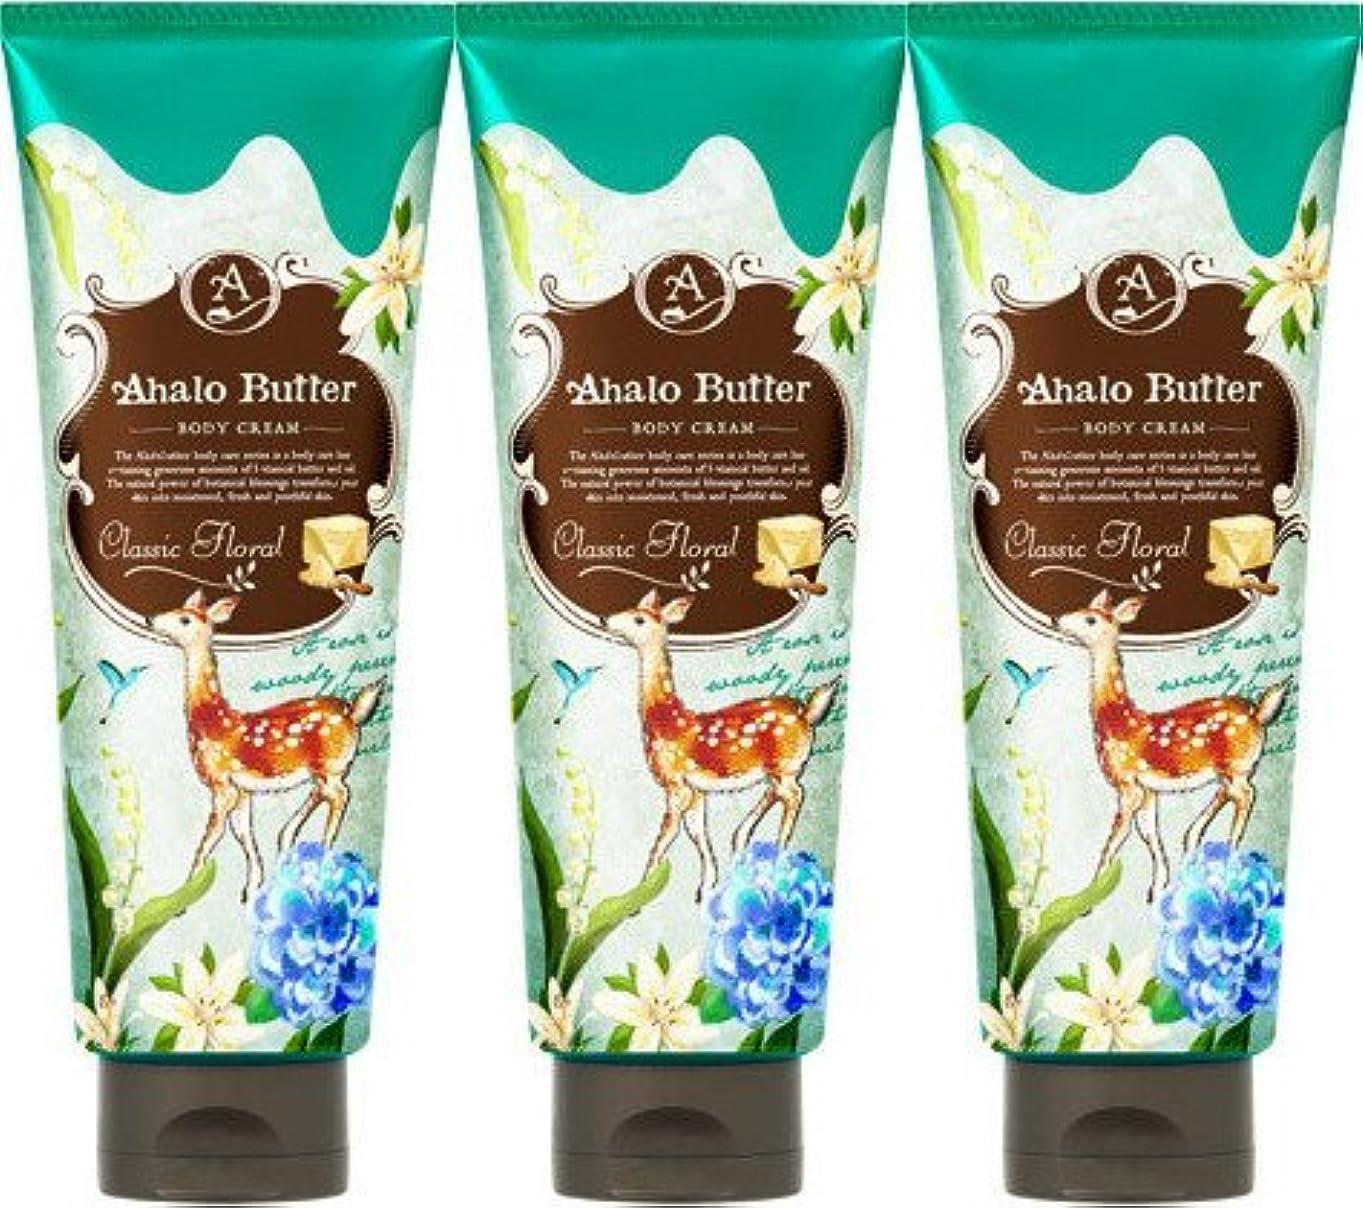 偏差減らす成功した【3個セット】Ahalo butter(アハロバター) ボディクリーム クラシックフローラル 150g